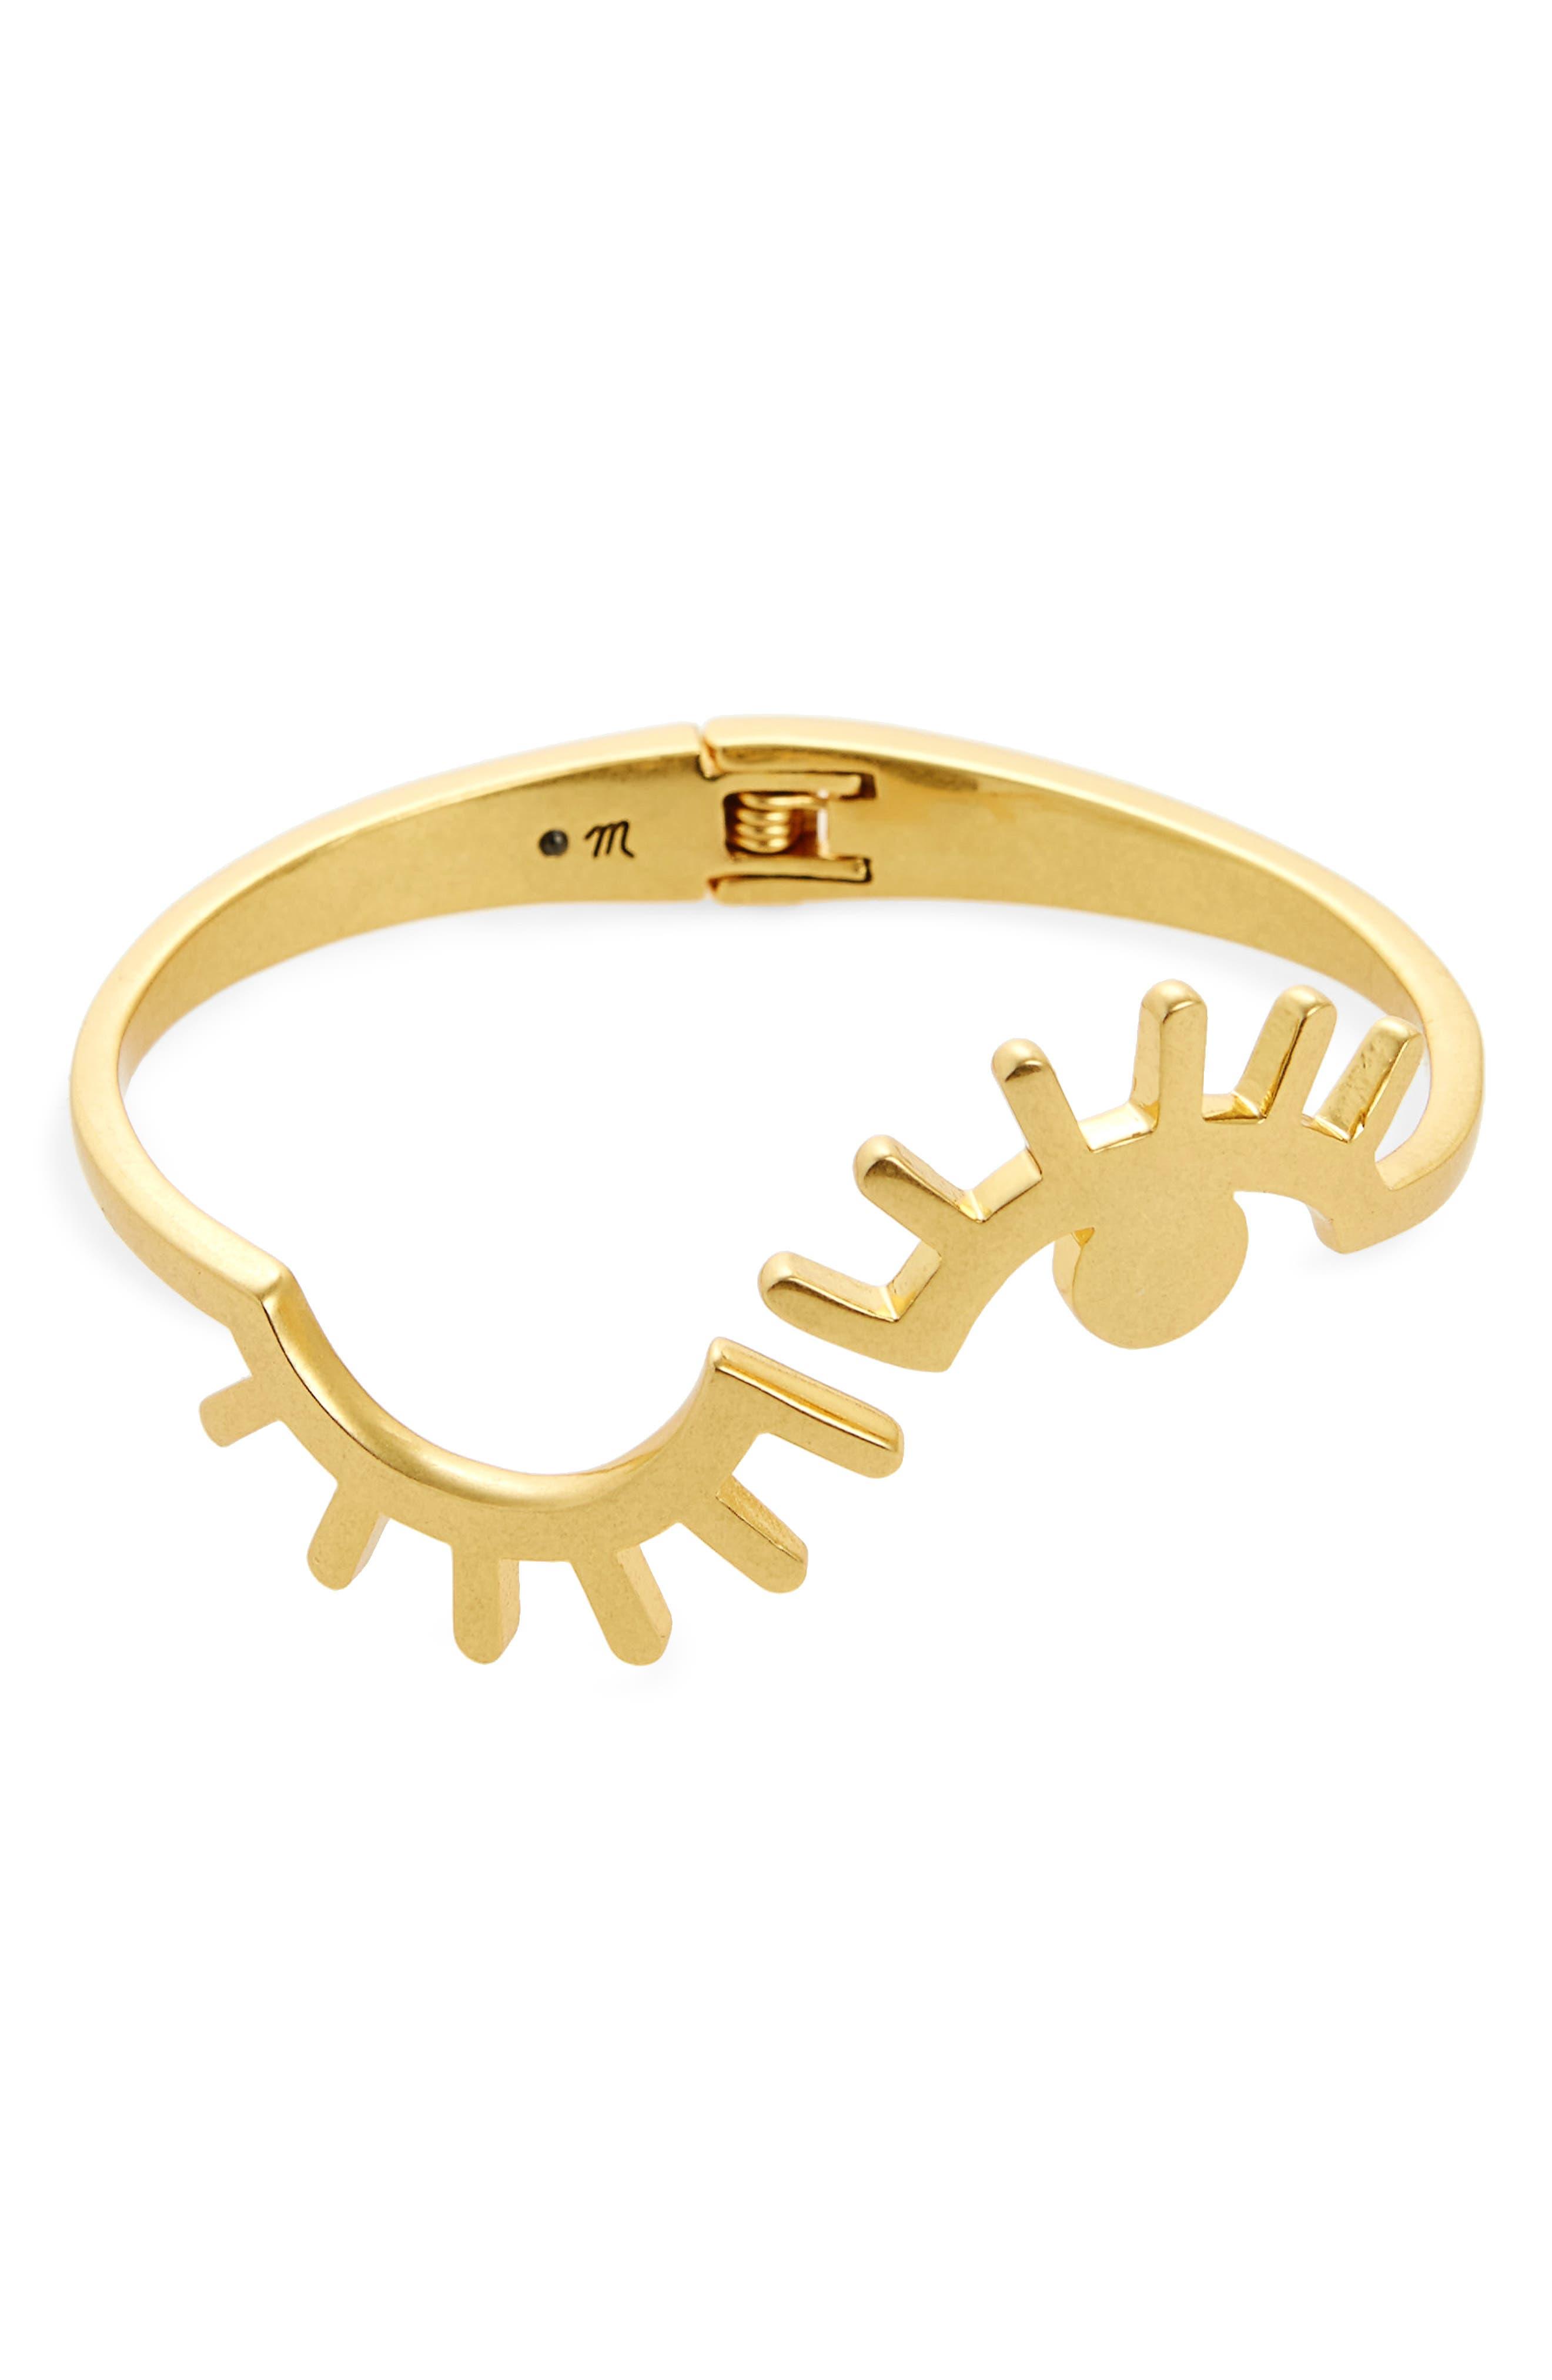 Looker Hinge Cuff Bracelet,                         Main,                         color, Vintage Gold